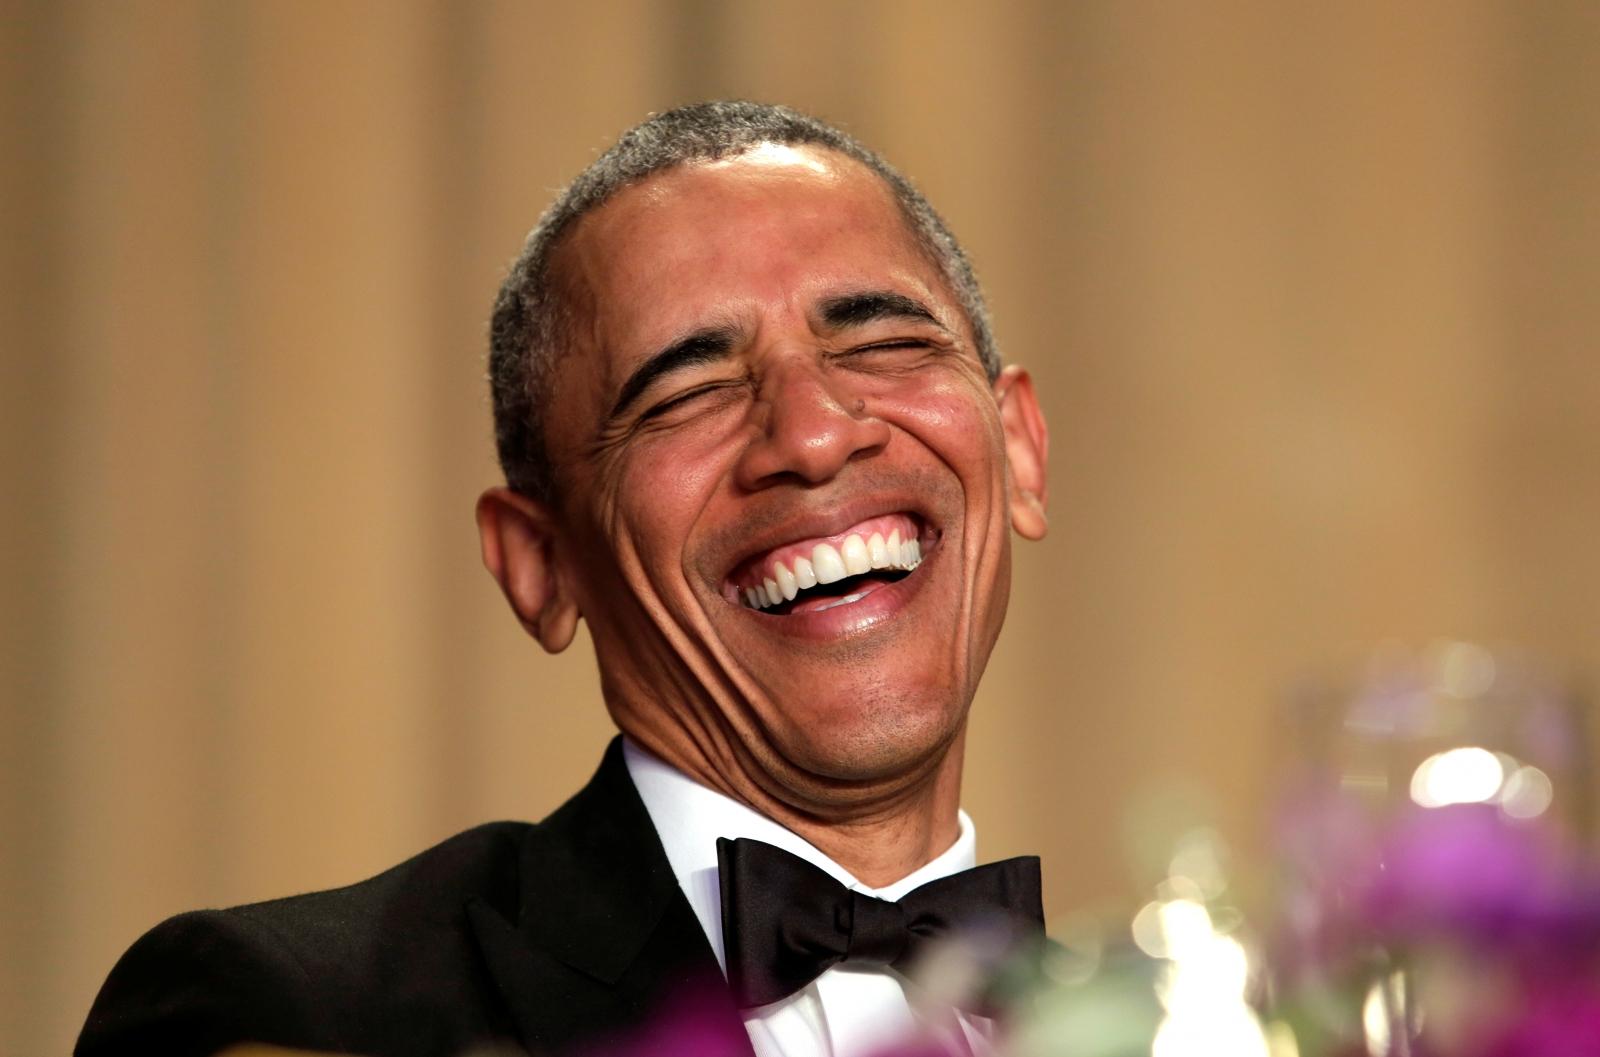 Barack Obama laughing